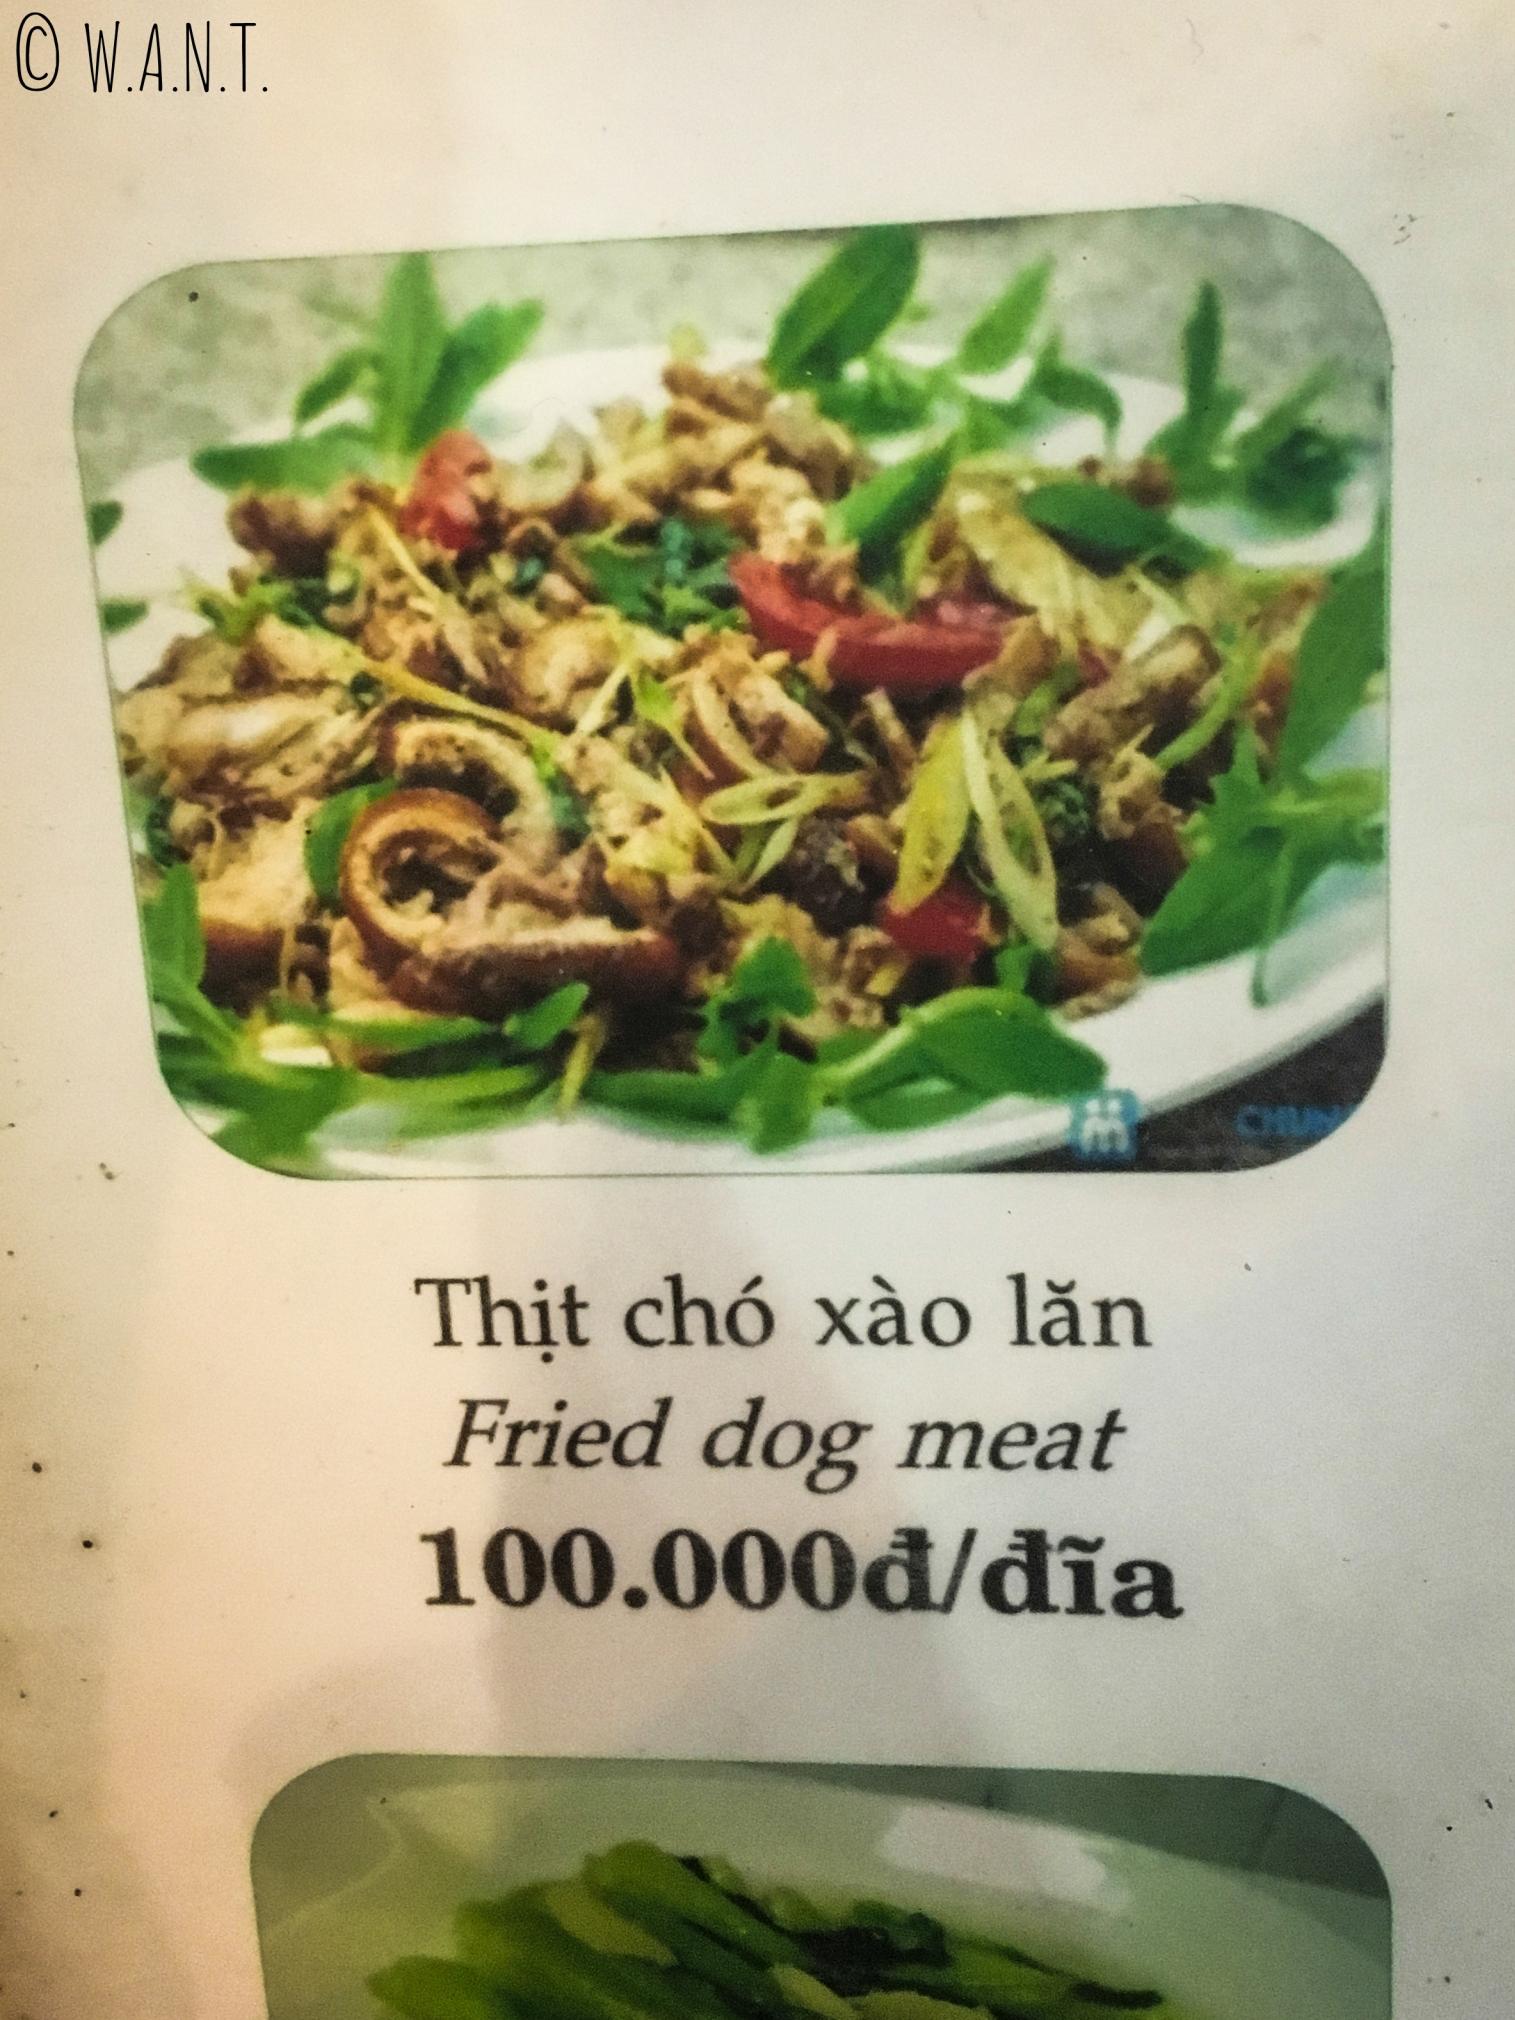 Pour preuve que le défi de manger du chien a bien été réalisé